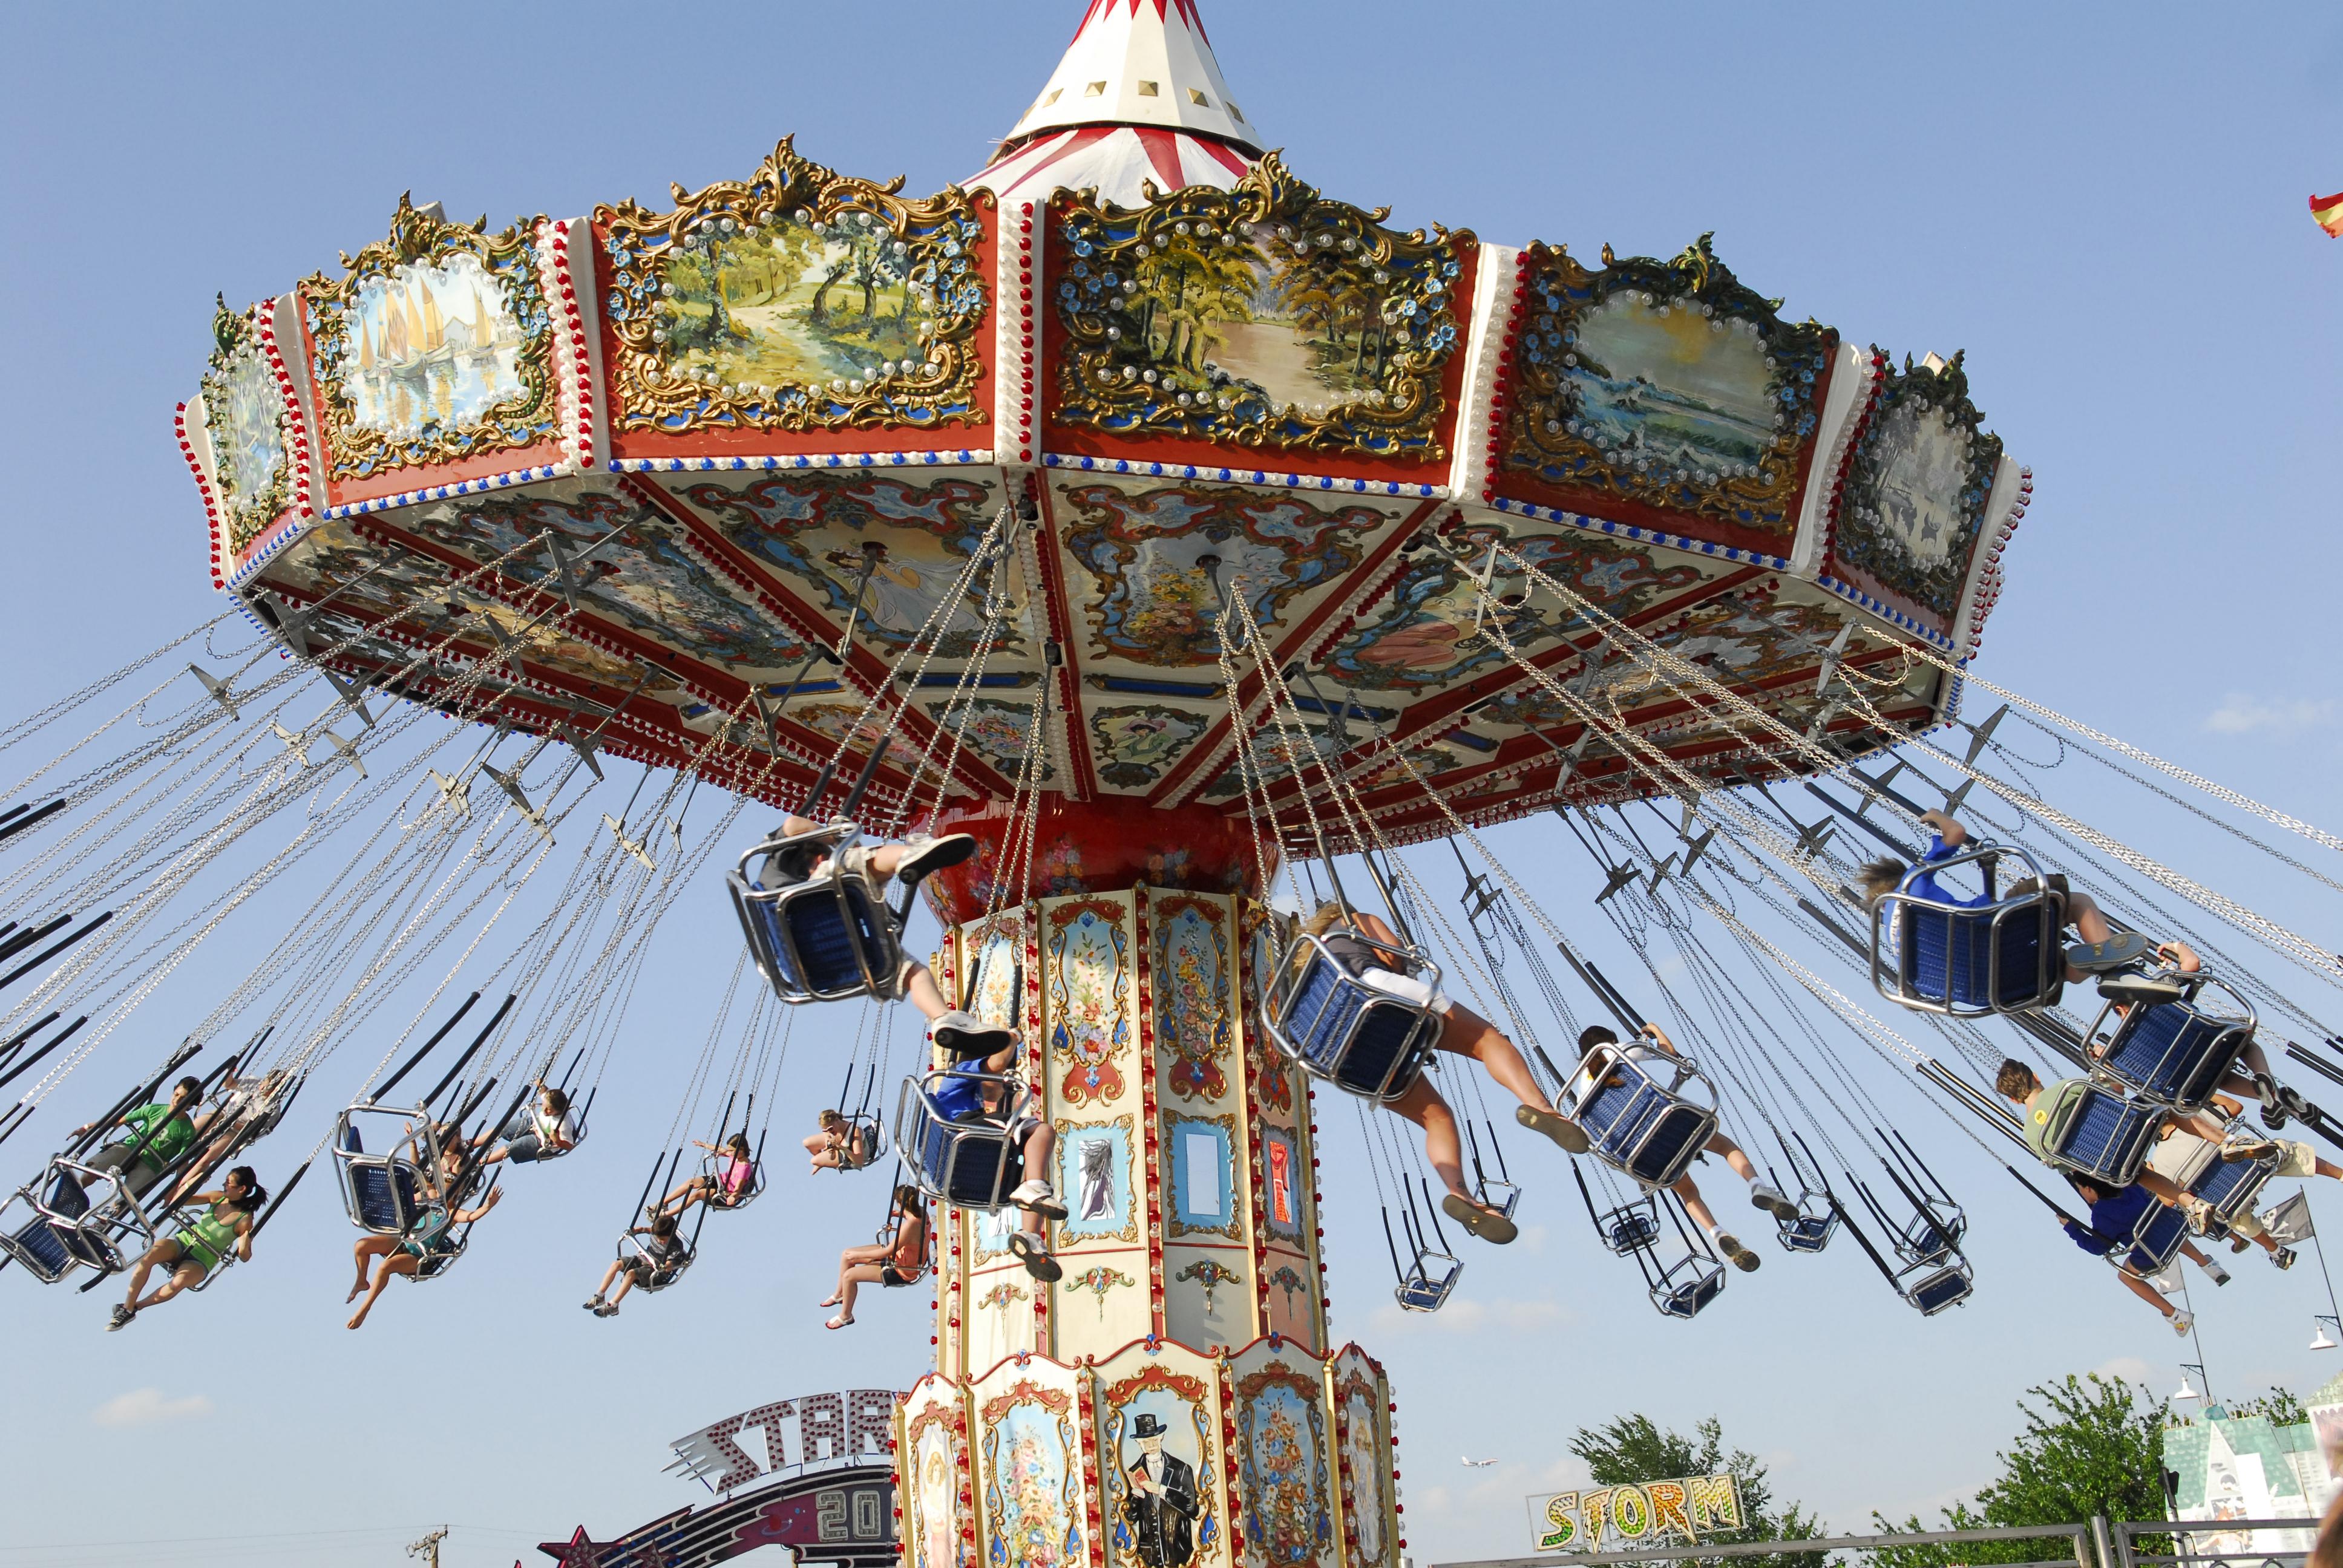 descriptive essays carnival rides Форум інформаційно-аналітичної газеты міграція » у світі » descriptive essay sample carnival ride.